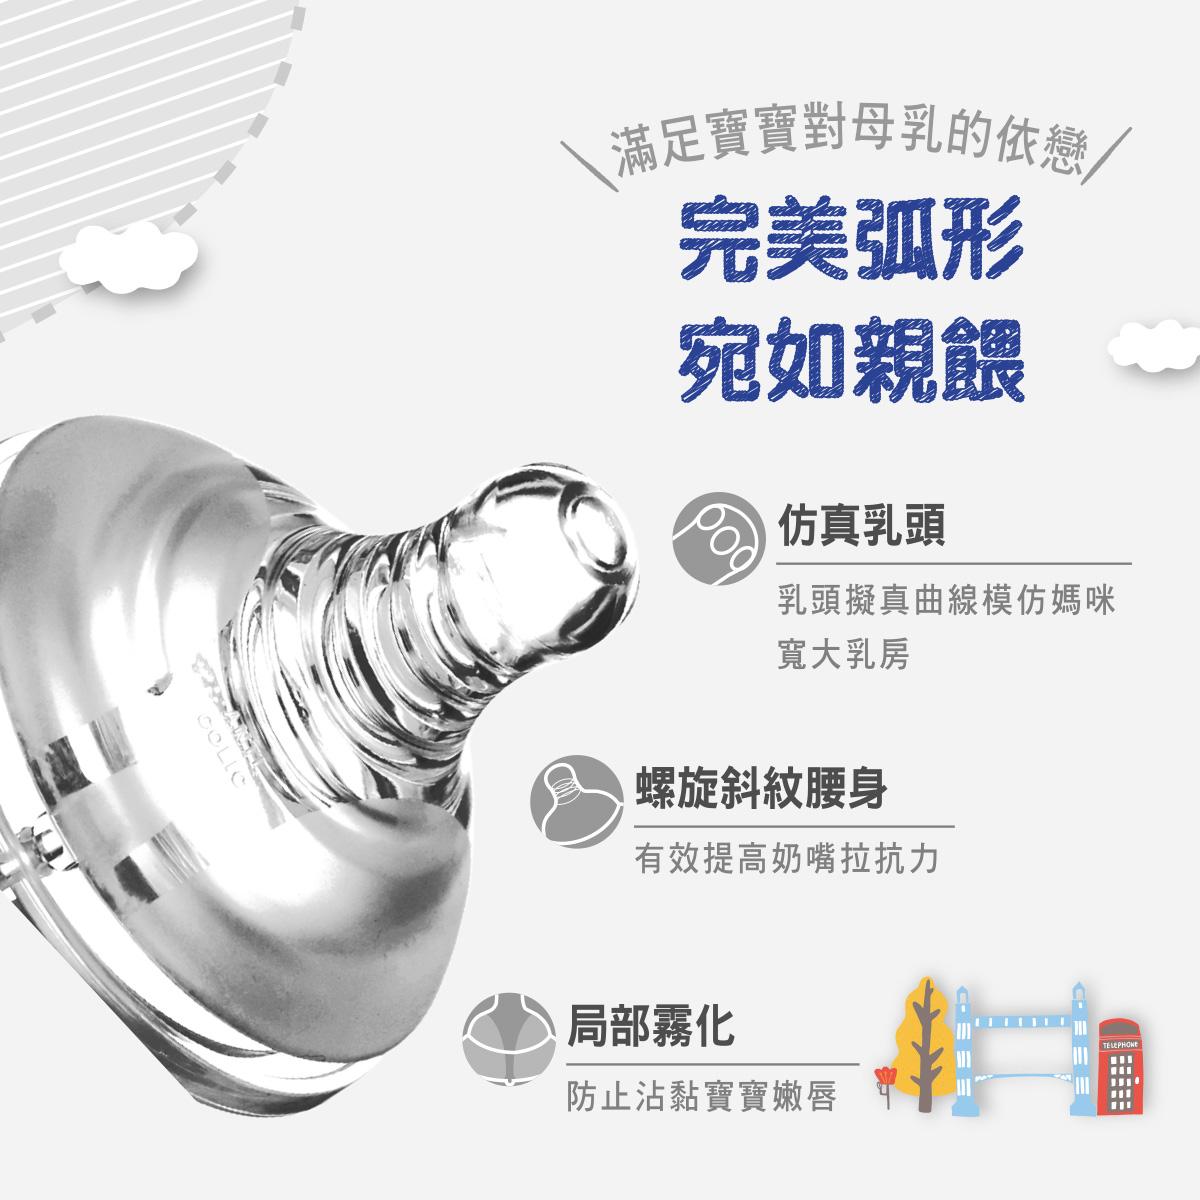 proimages/bottles/PPSU/5874/5874-樂遊倫敦PPSU奶瓶-EDM-9.jpg